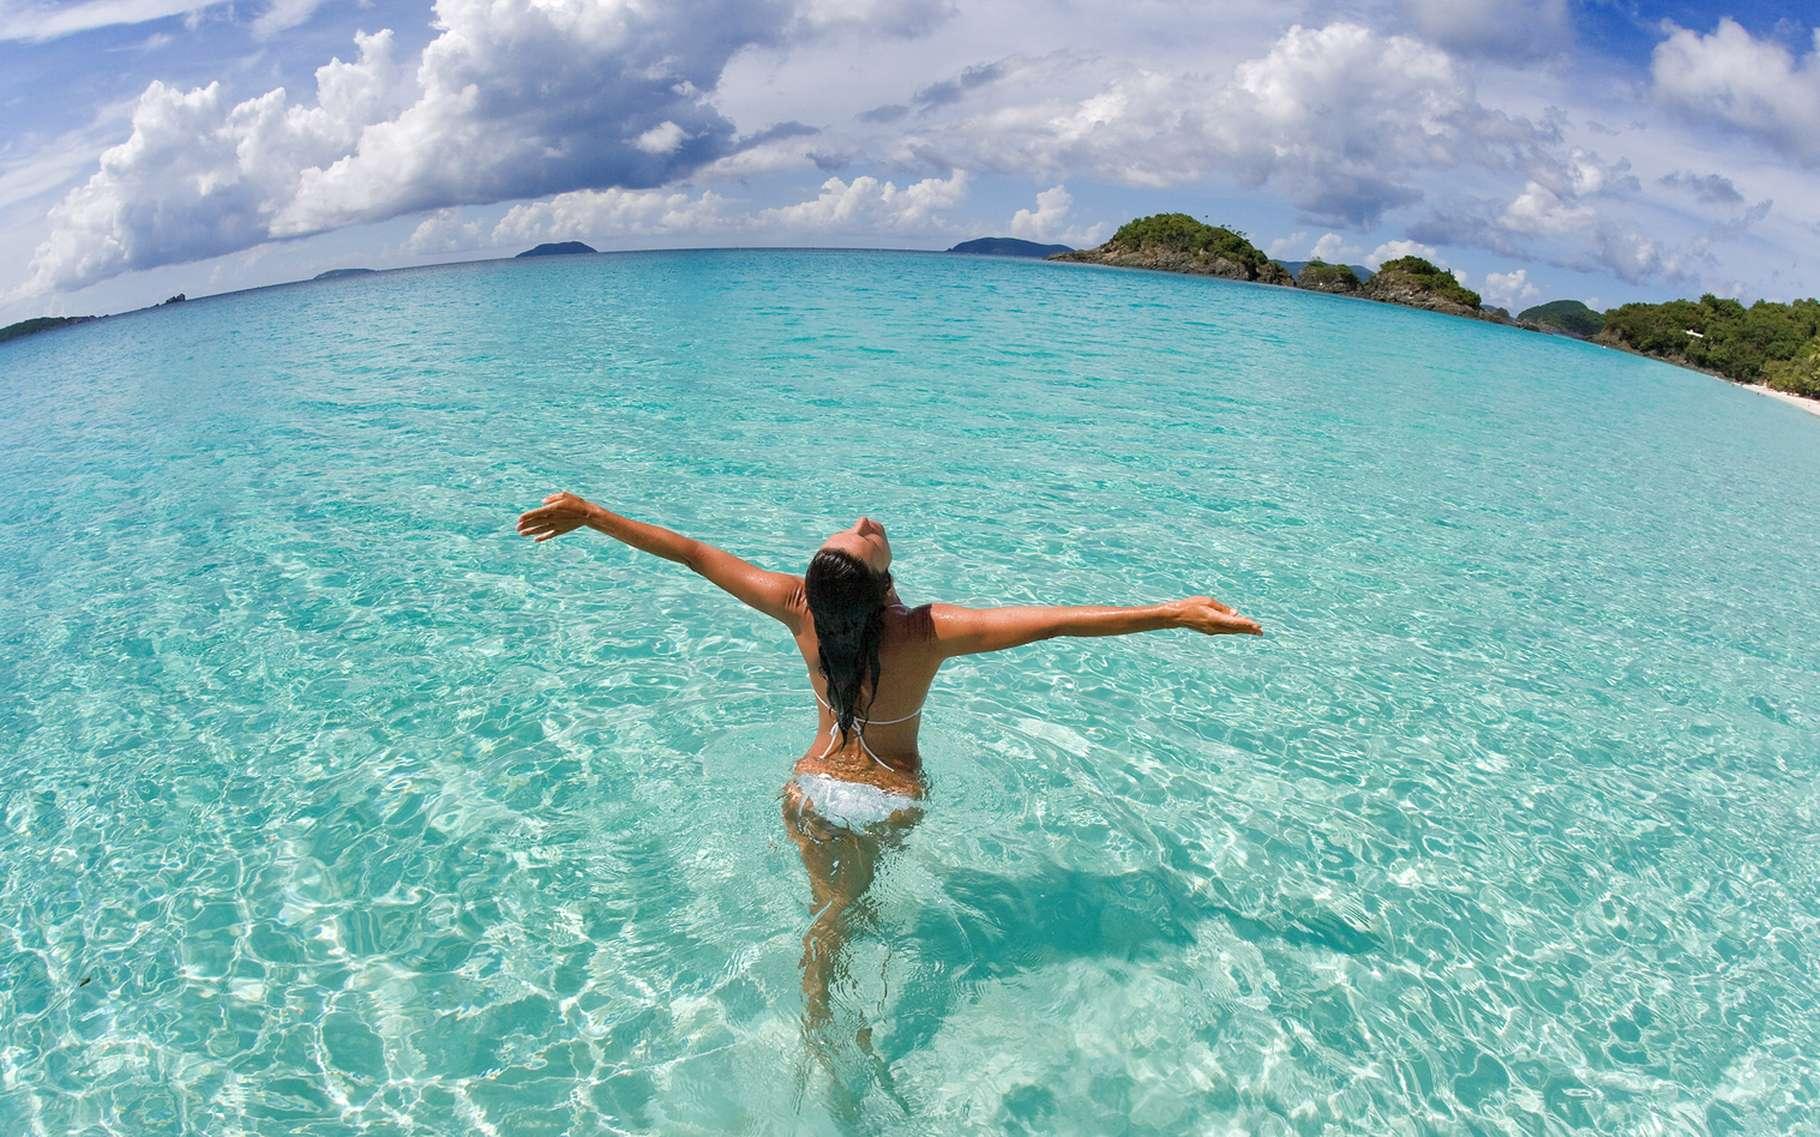 L'eau ne protège pas des rayons du soleil, bien au contraire ! © idreamphoto, Shutterstock